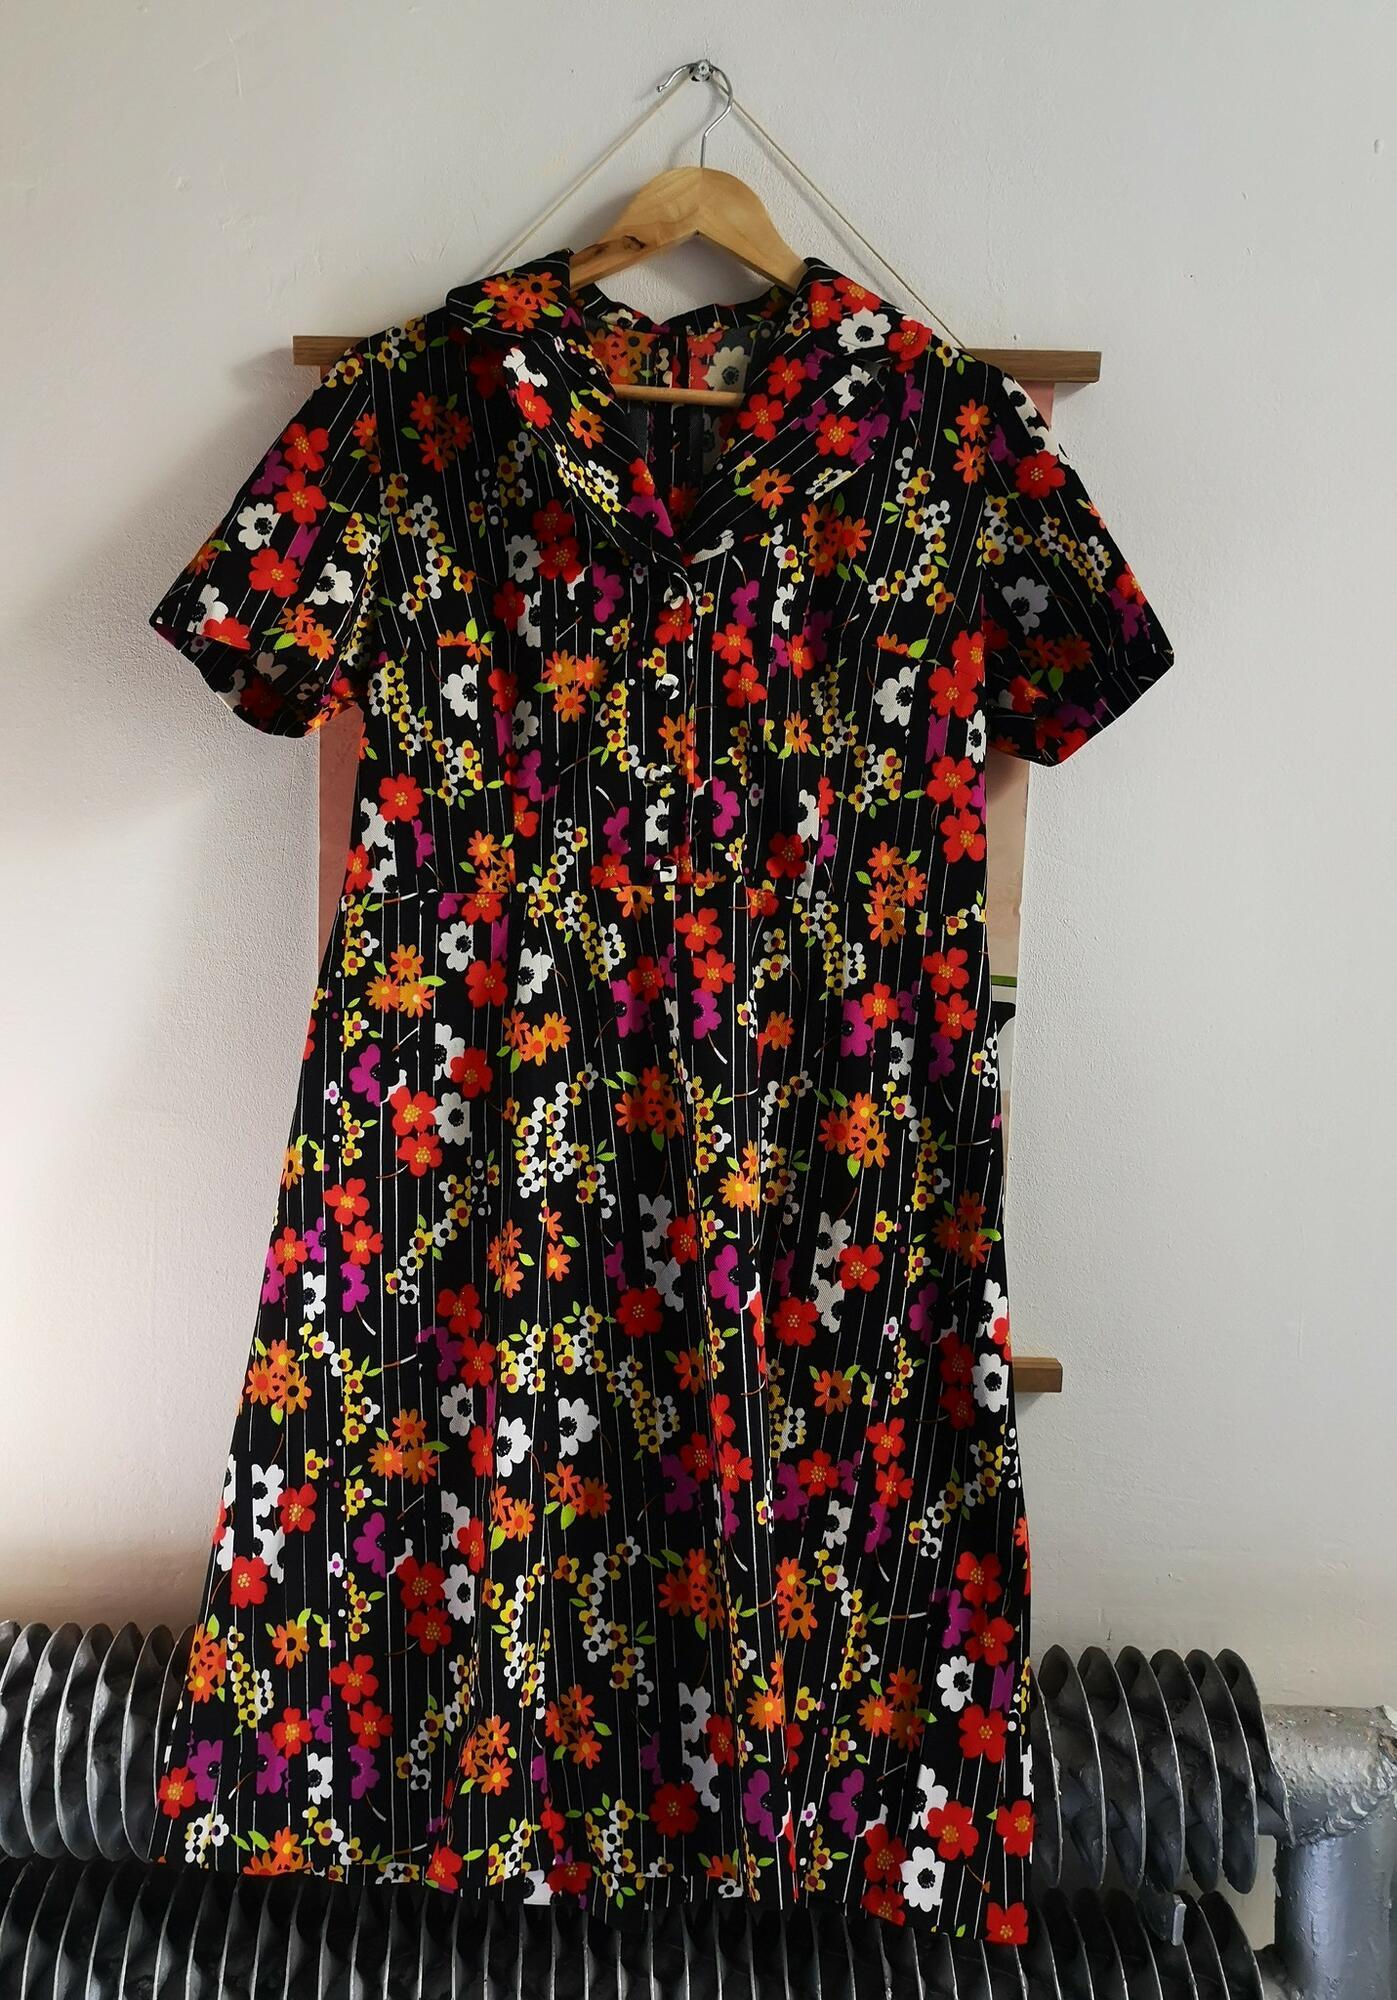 sukienka vintage podomka - Nie byle   JestemSlow.pl